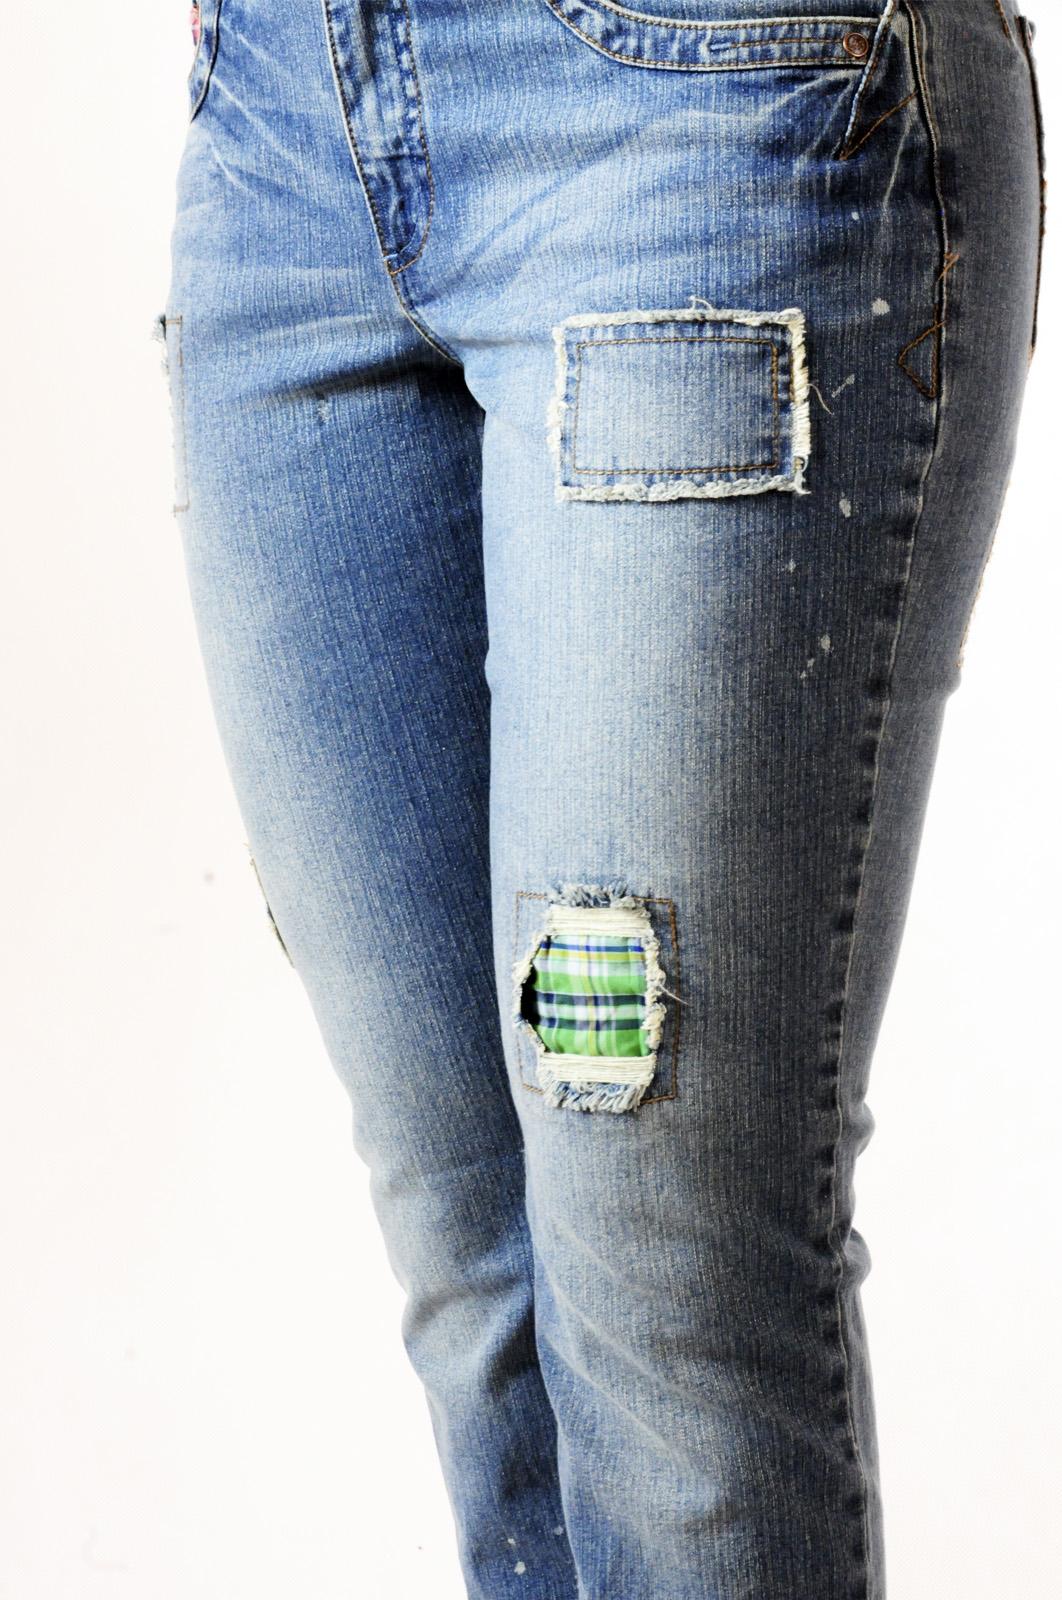 Феерические состаренные джинсы от Joe Browns® (Leeds, UK)